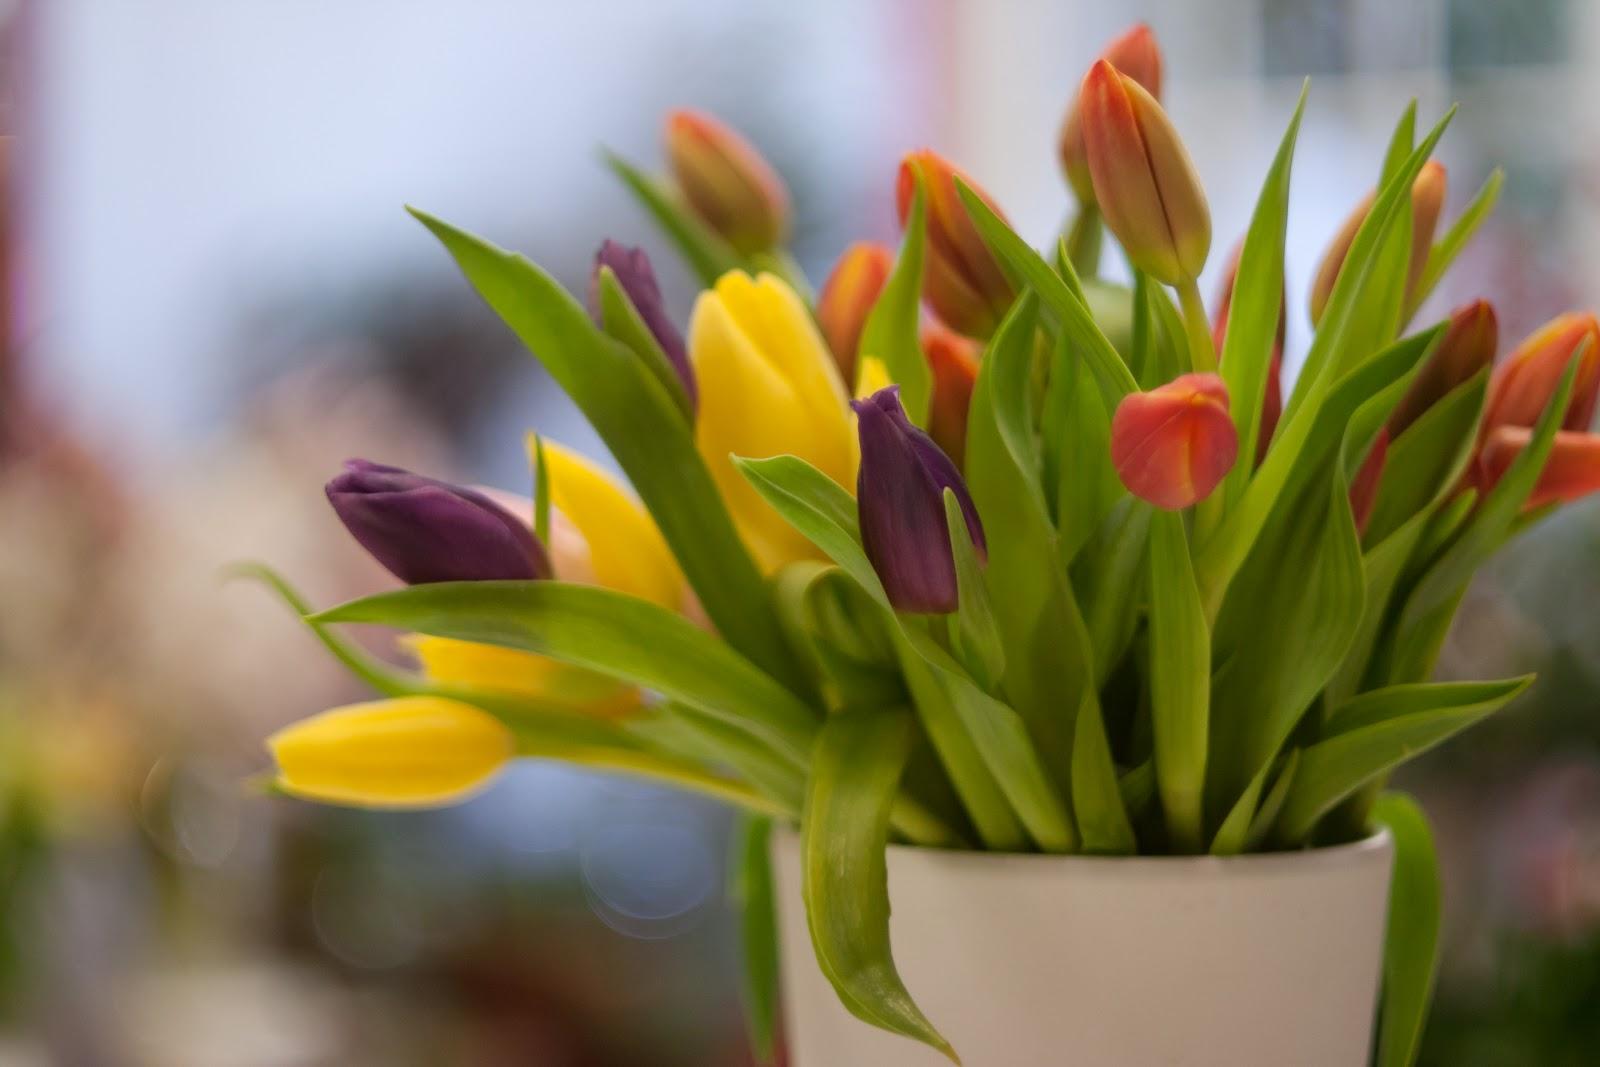 Βοηθείστε τα λουλούδια σας …να ζήσουν περισσότερο